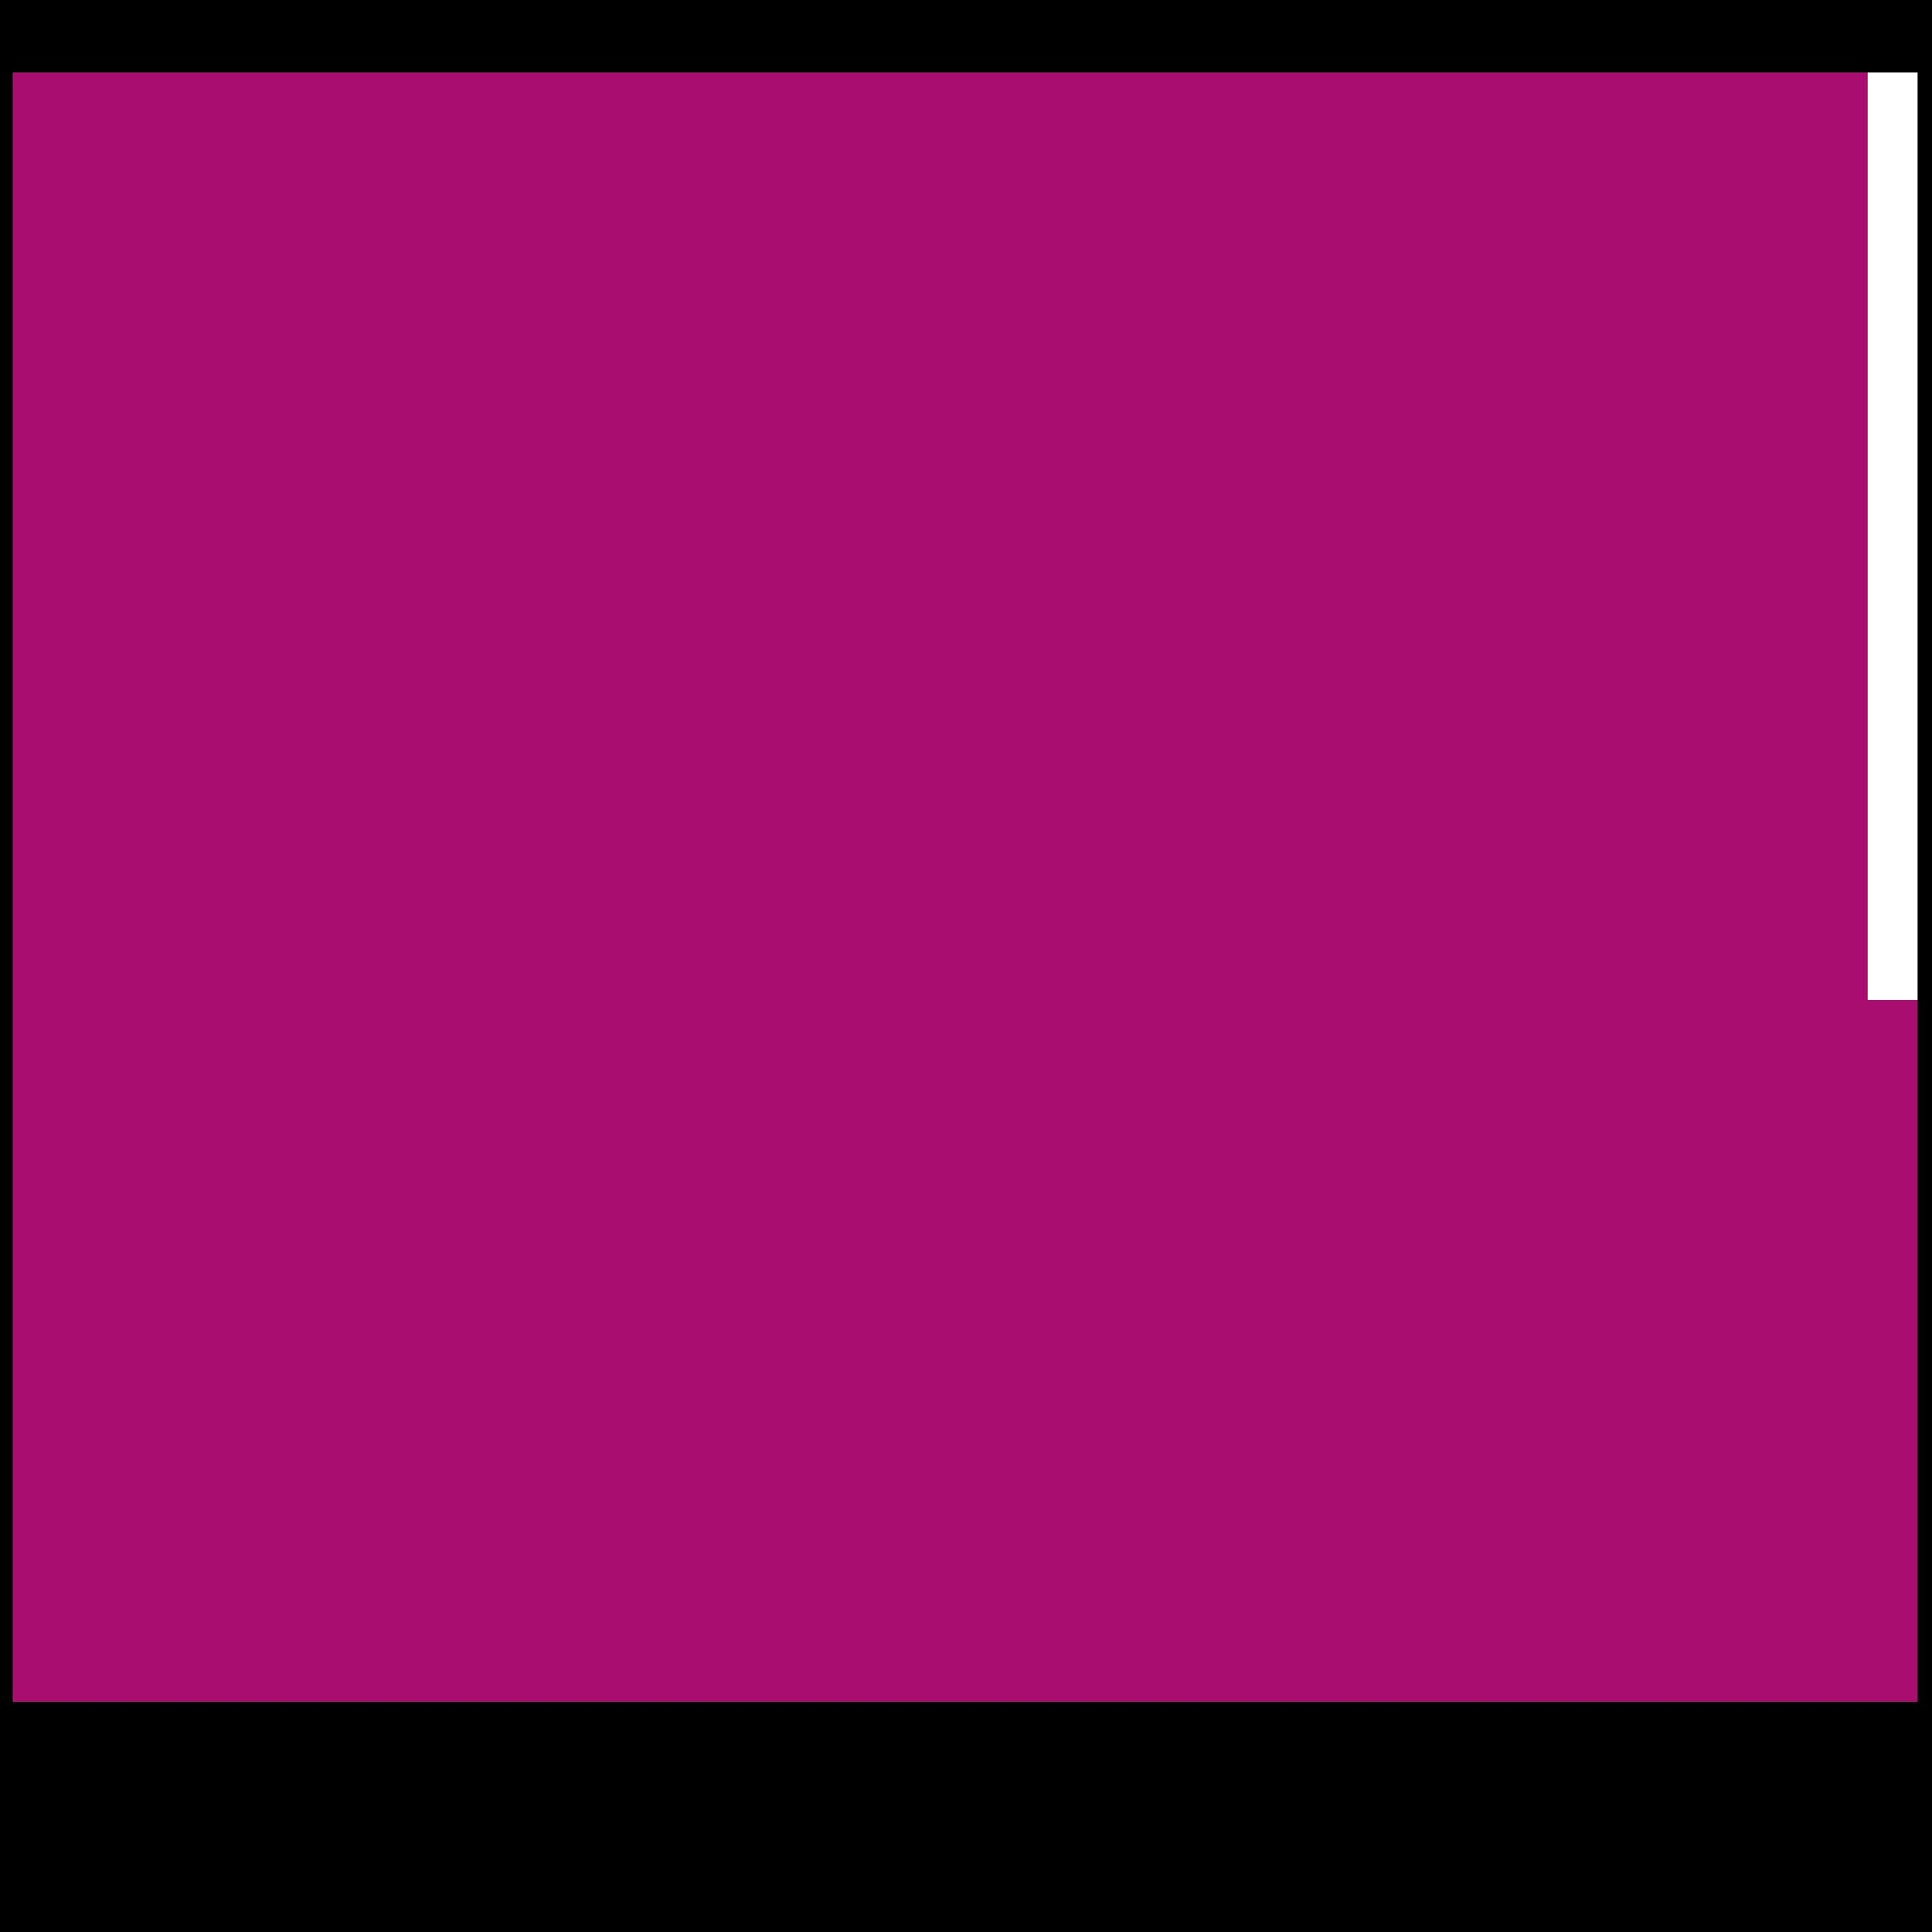 大分県女性起業家創出促進事業(Oita Starring Woman)